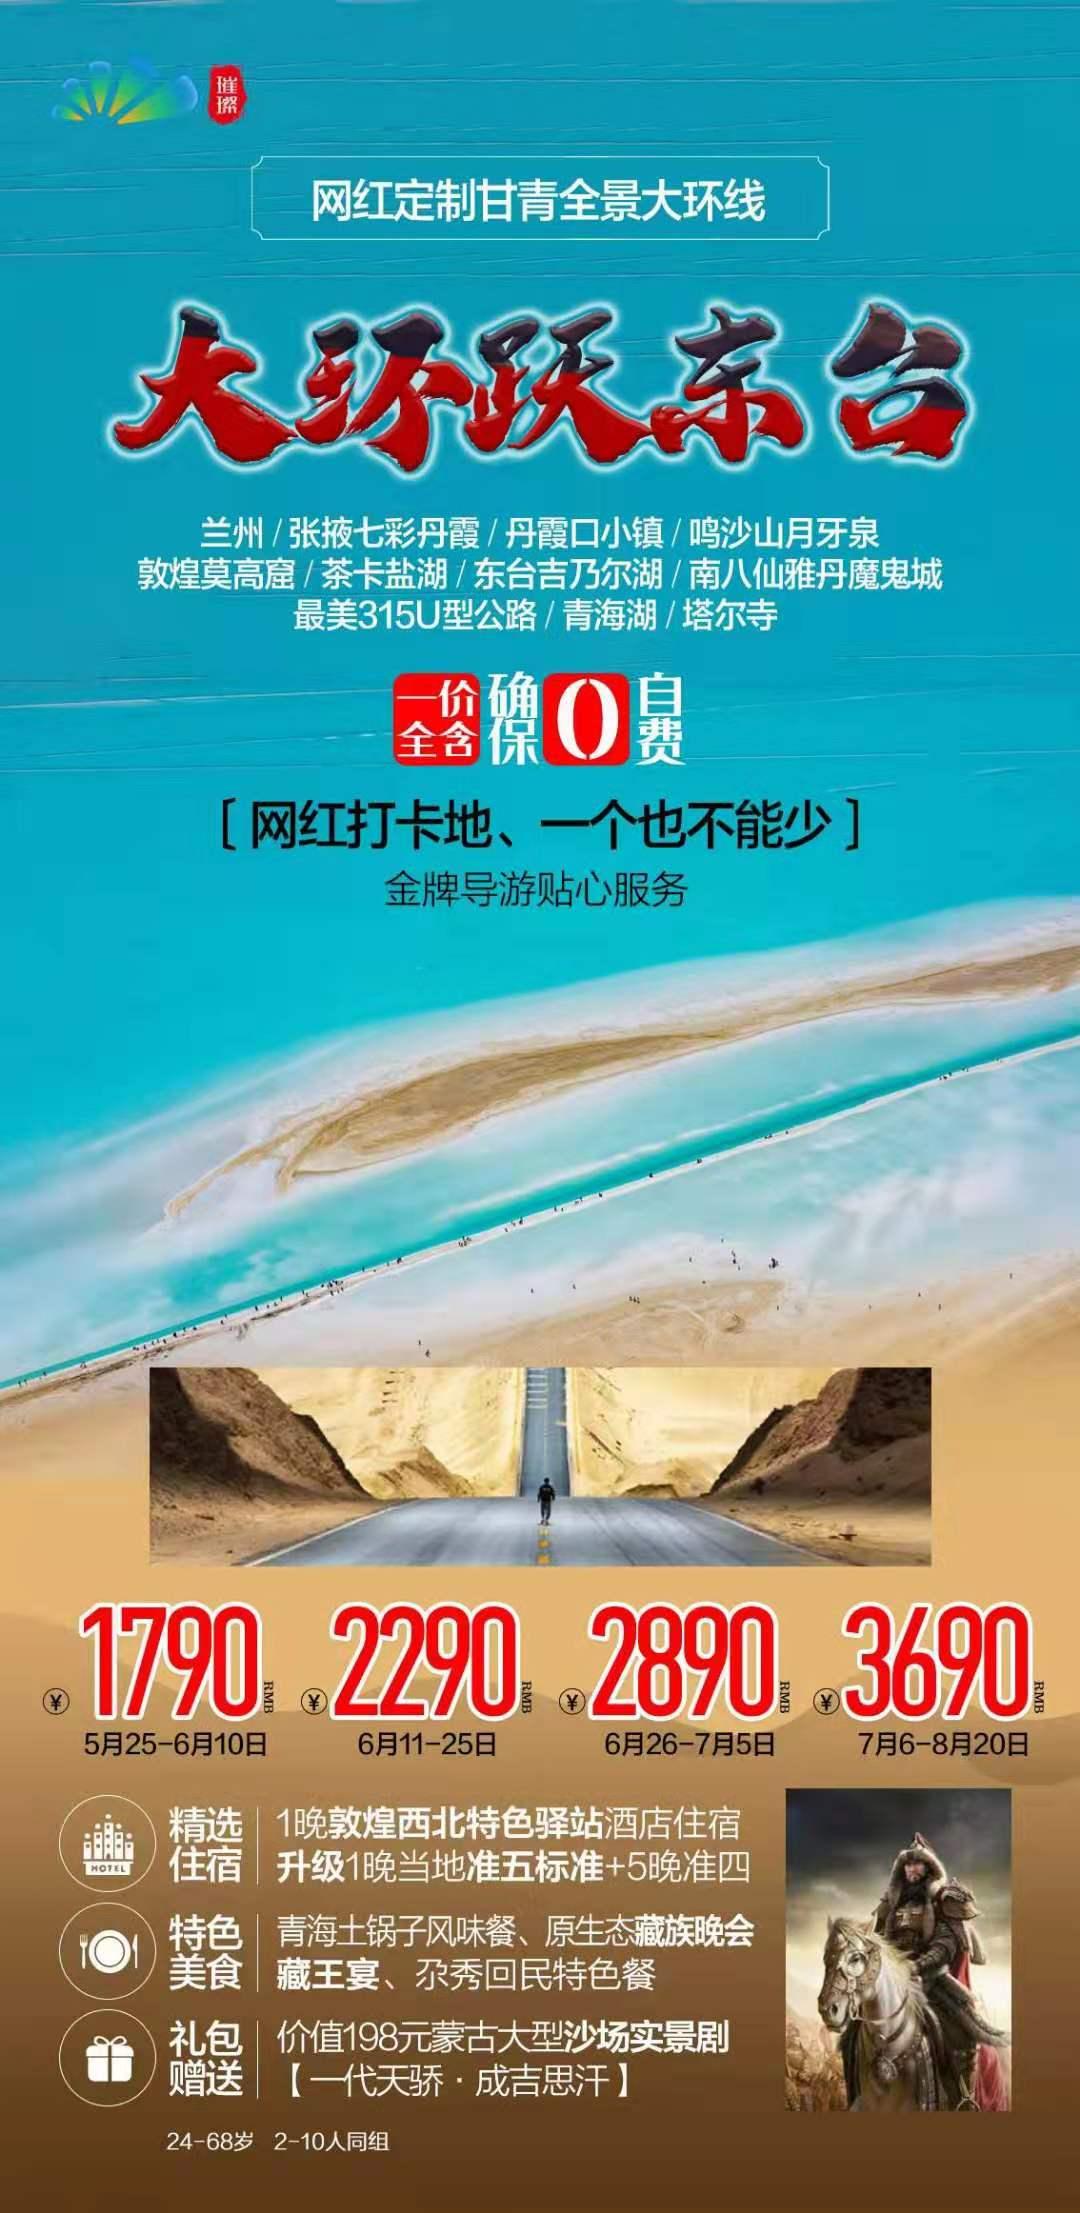 甘青全景大环线